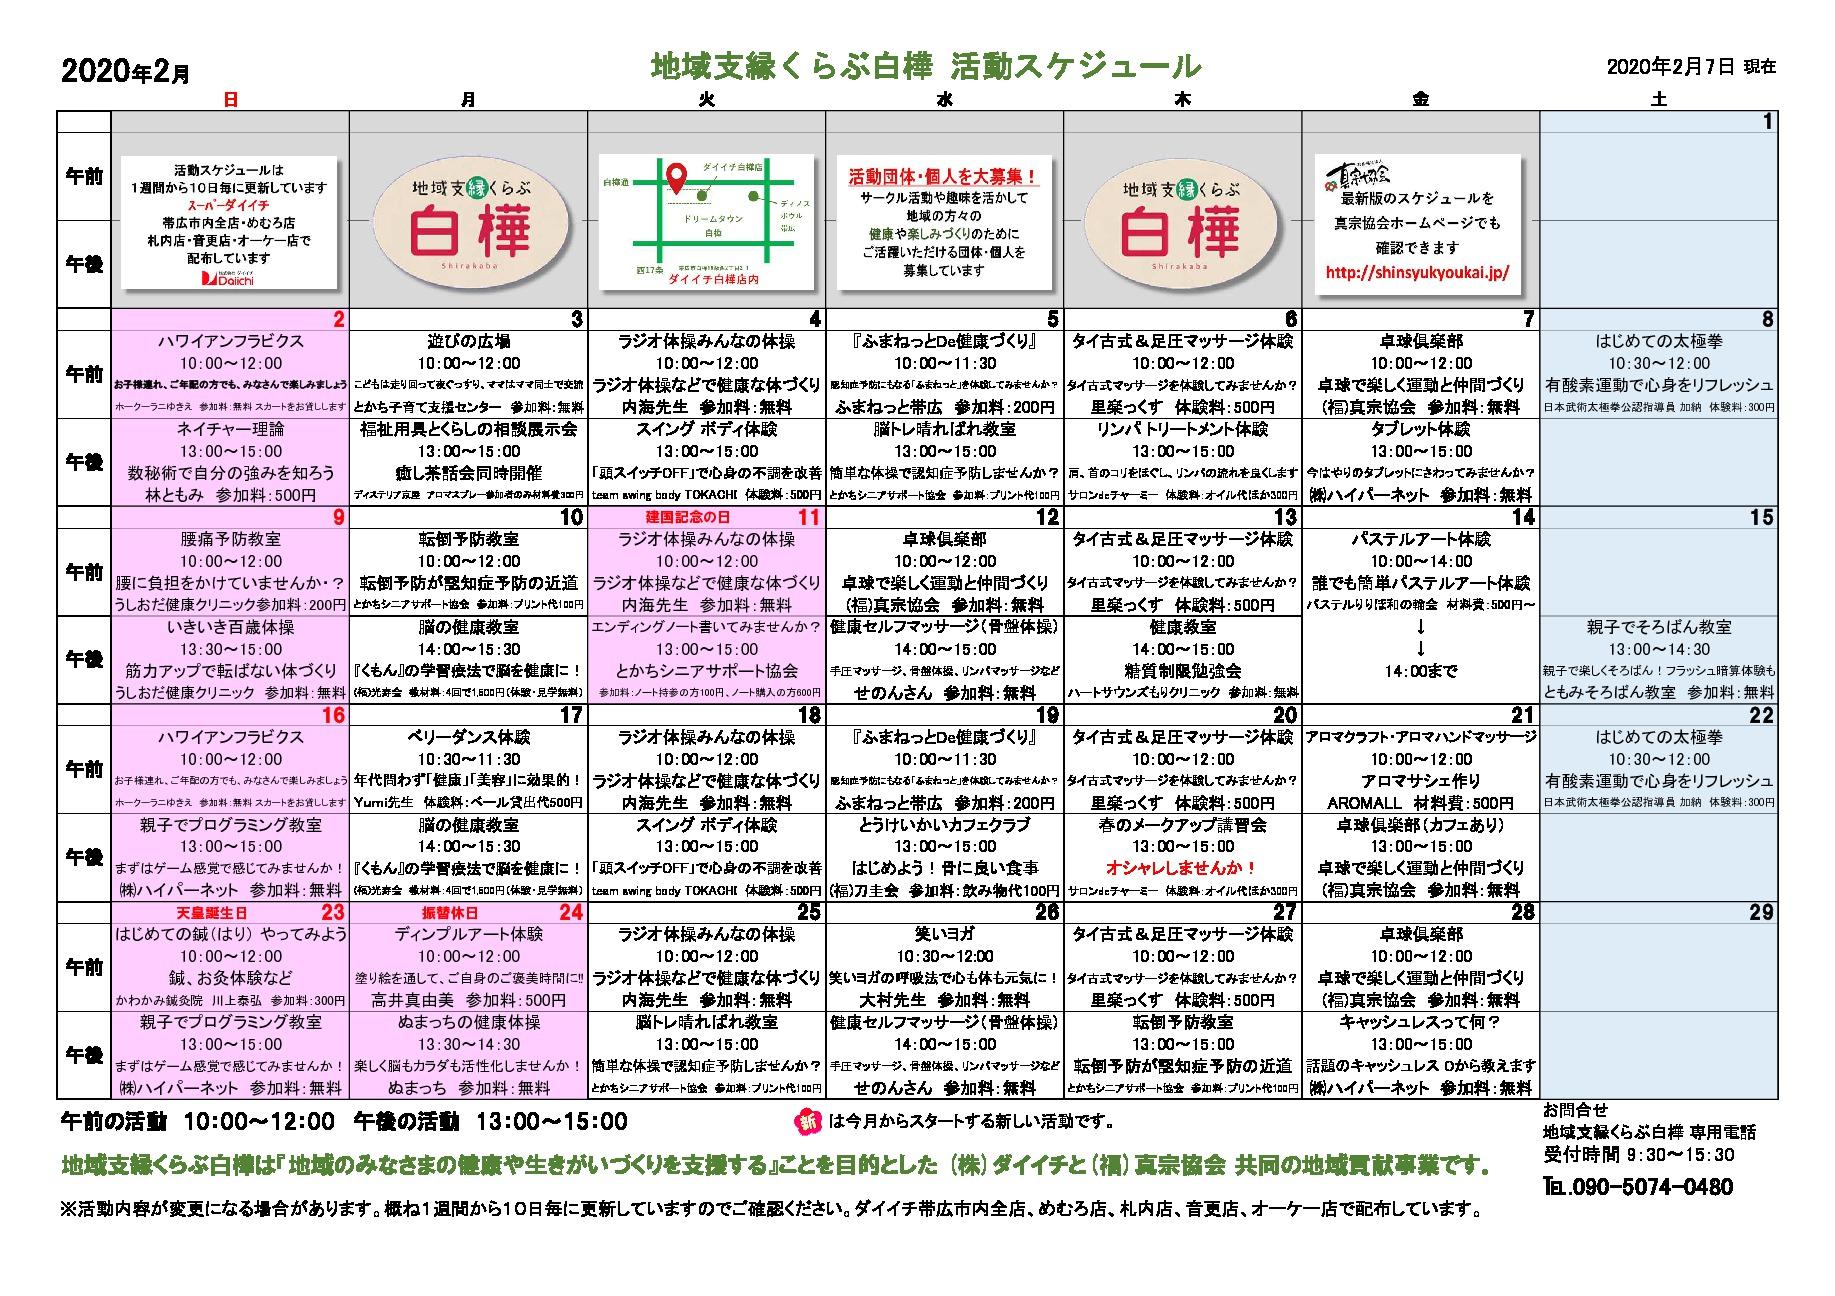 2019活動スケジュール2(2020.2.7付)のサムネイル